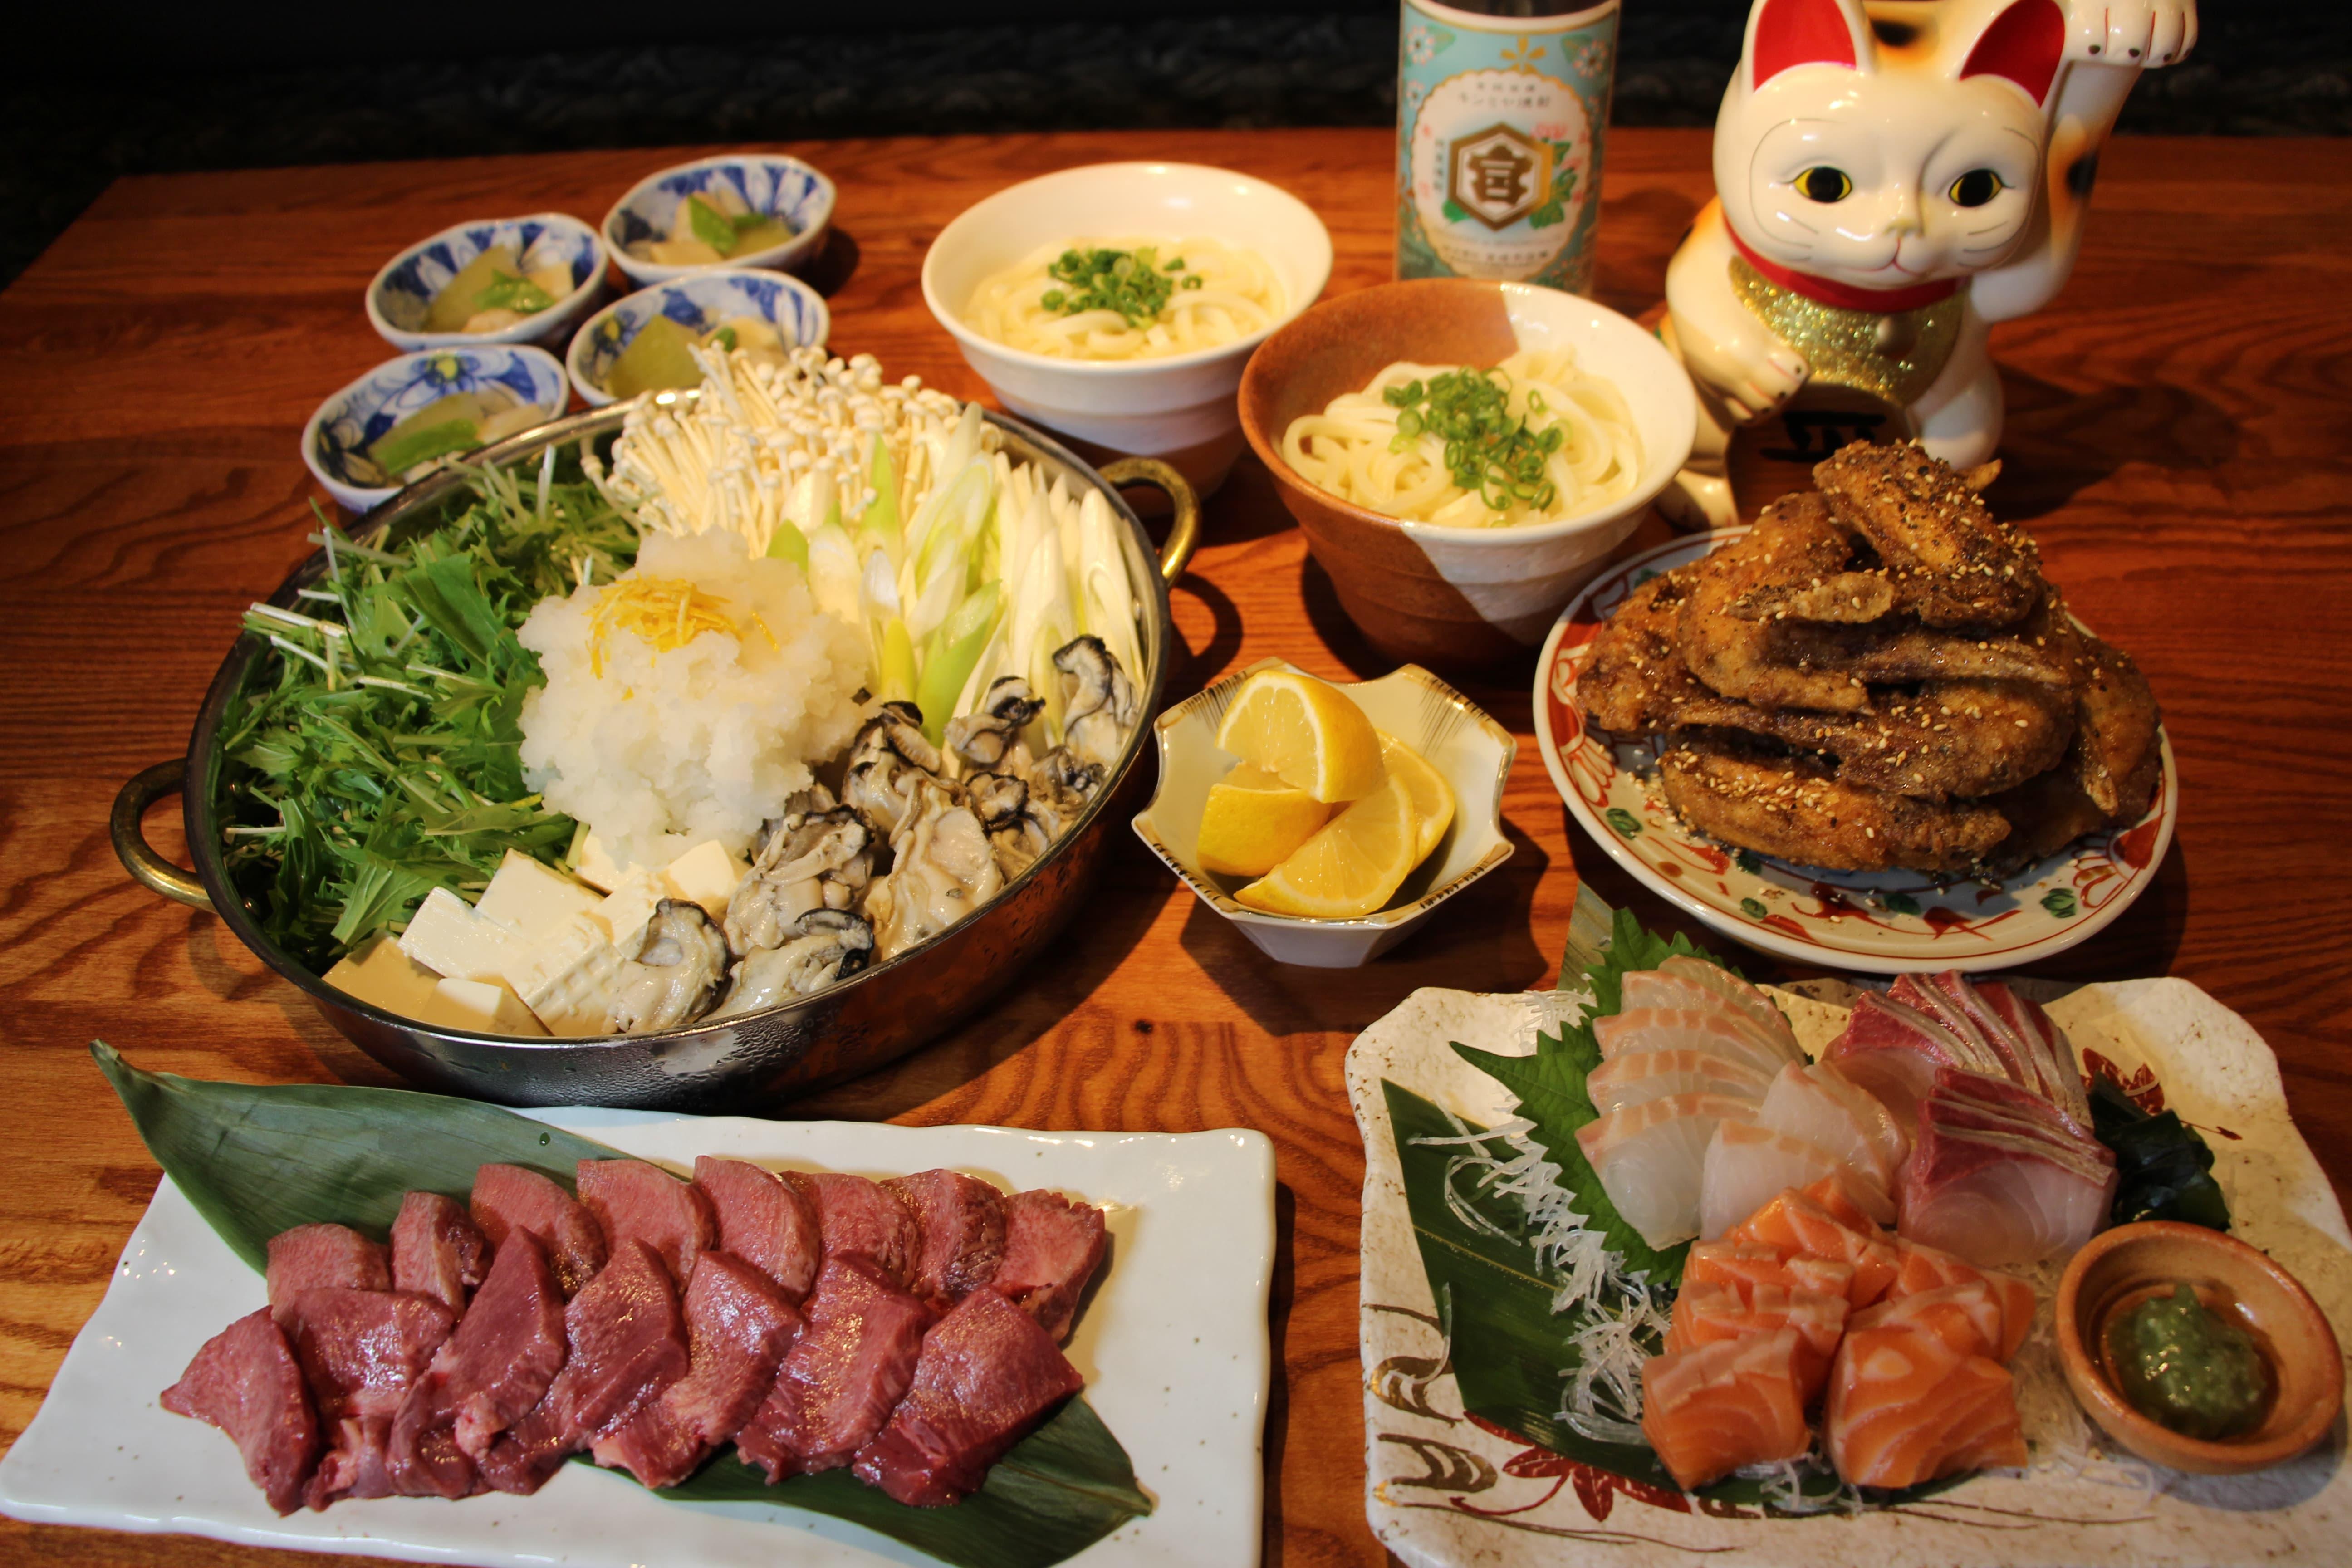 2000円<br /> 瀬戸内産!牡蠣とレモンのみぞれ鍋と上タンの厚切り焼肉コース